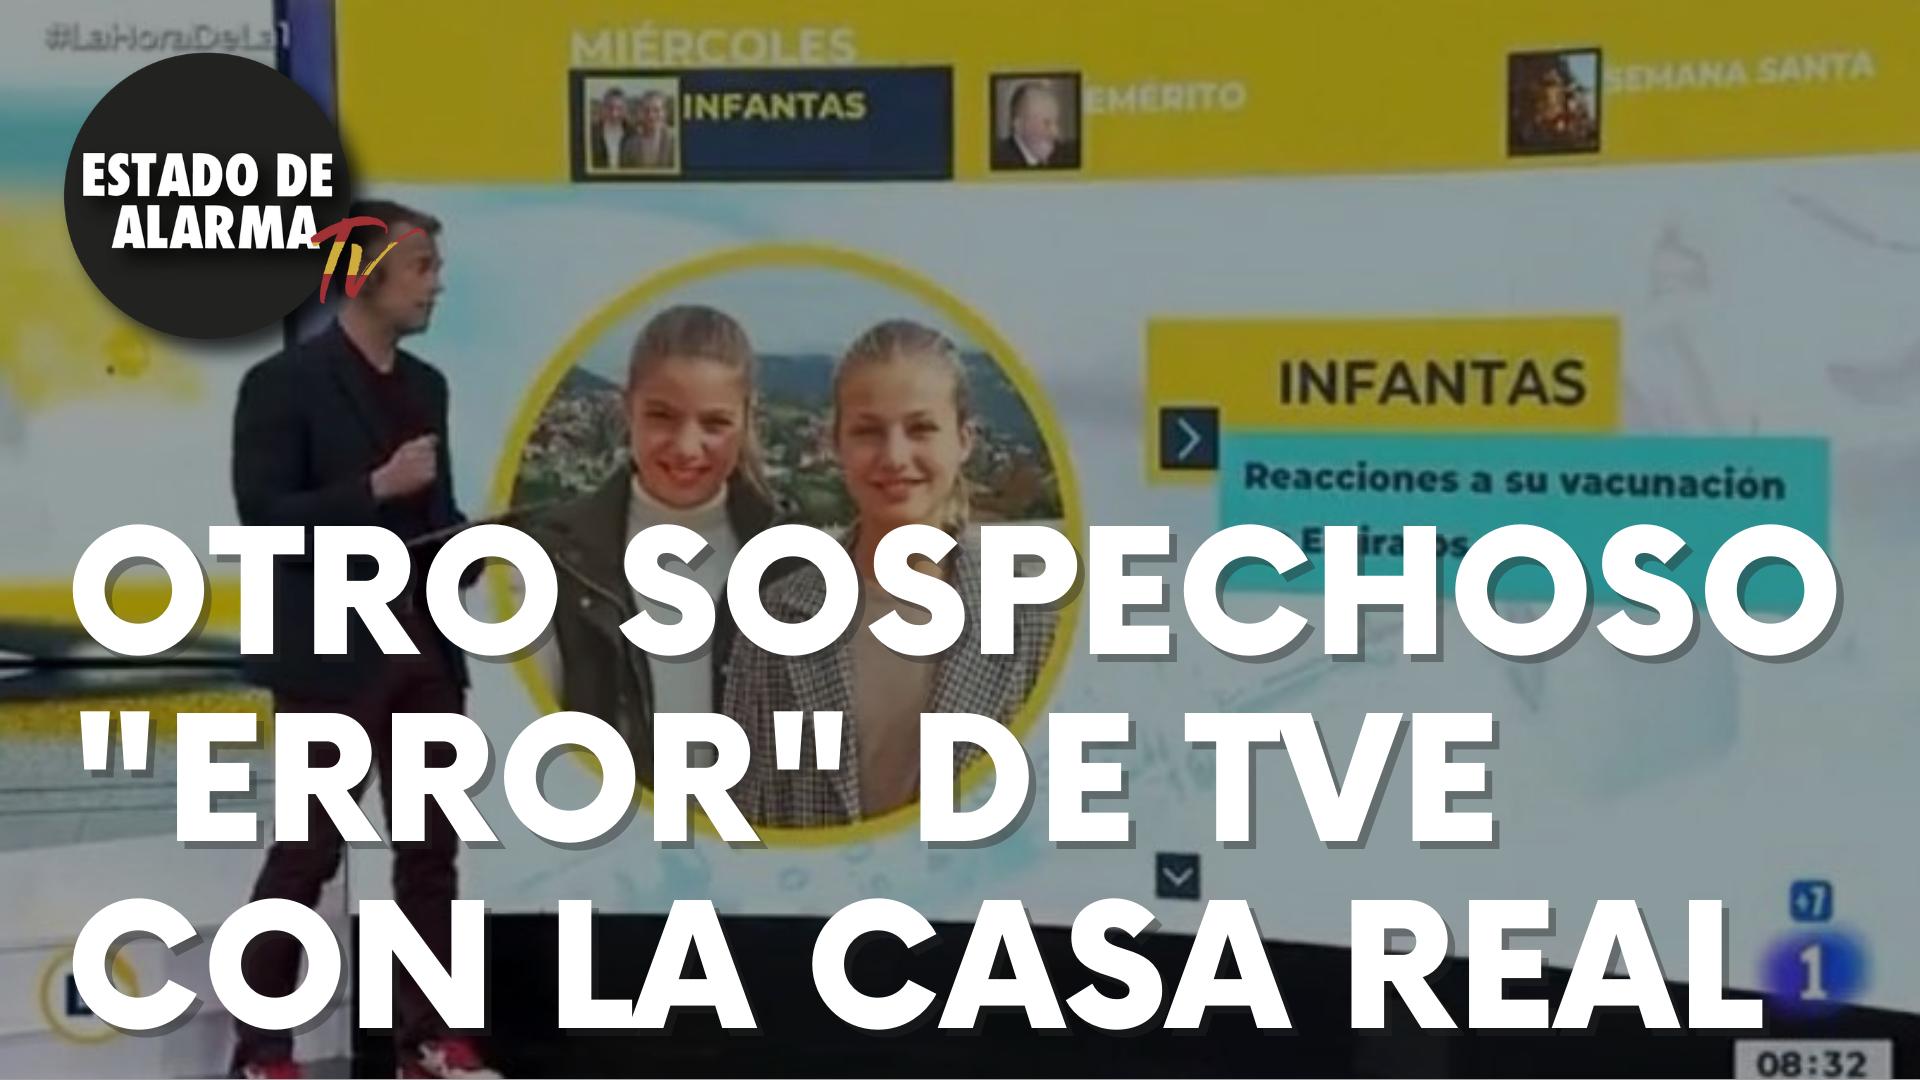 """Otro sospechoso """"error"""" de TVE con la Casa Real"""